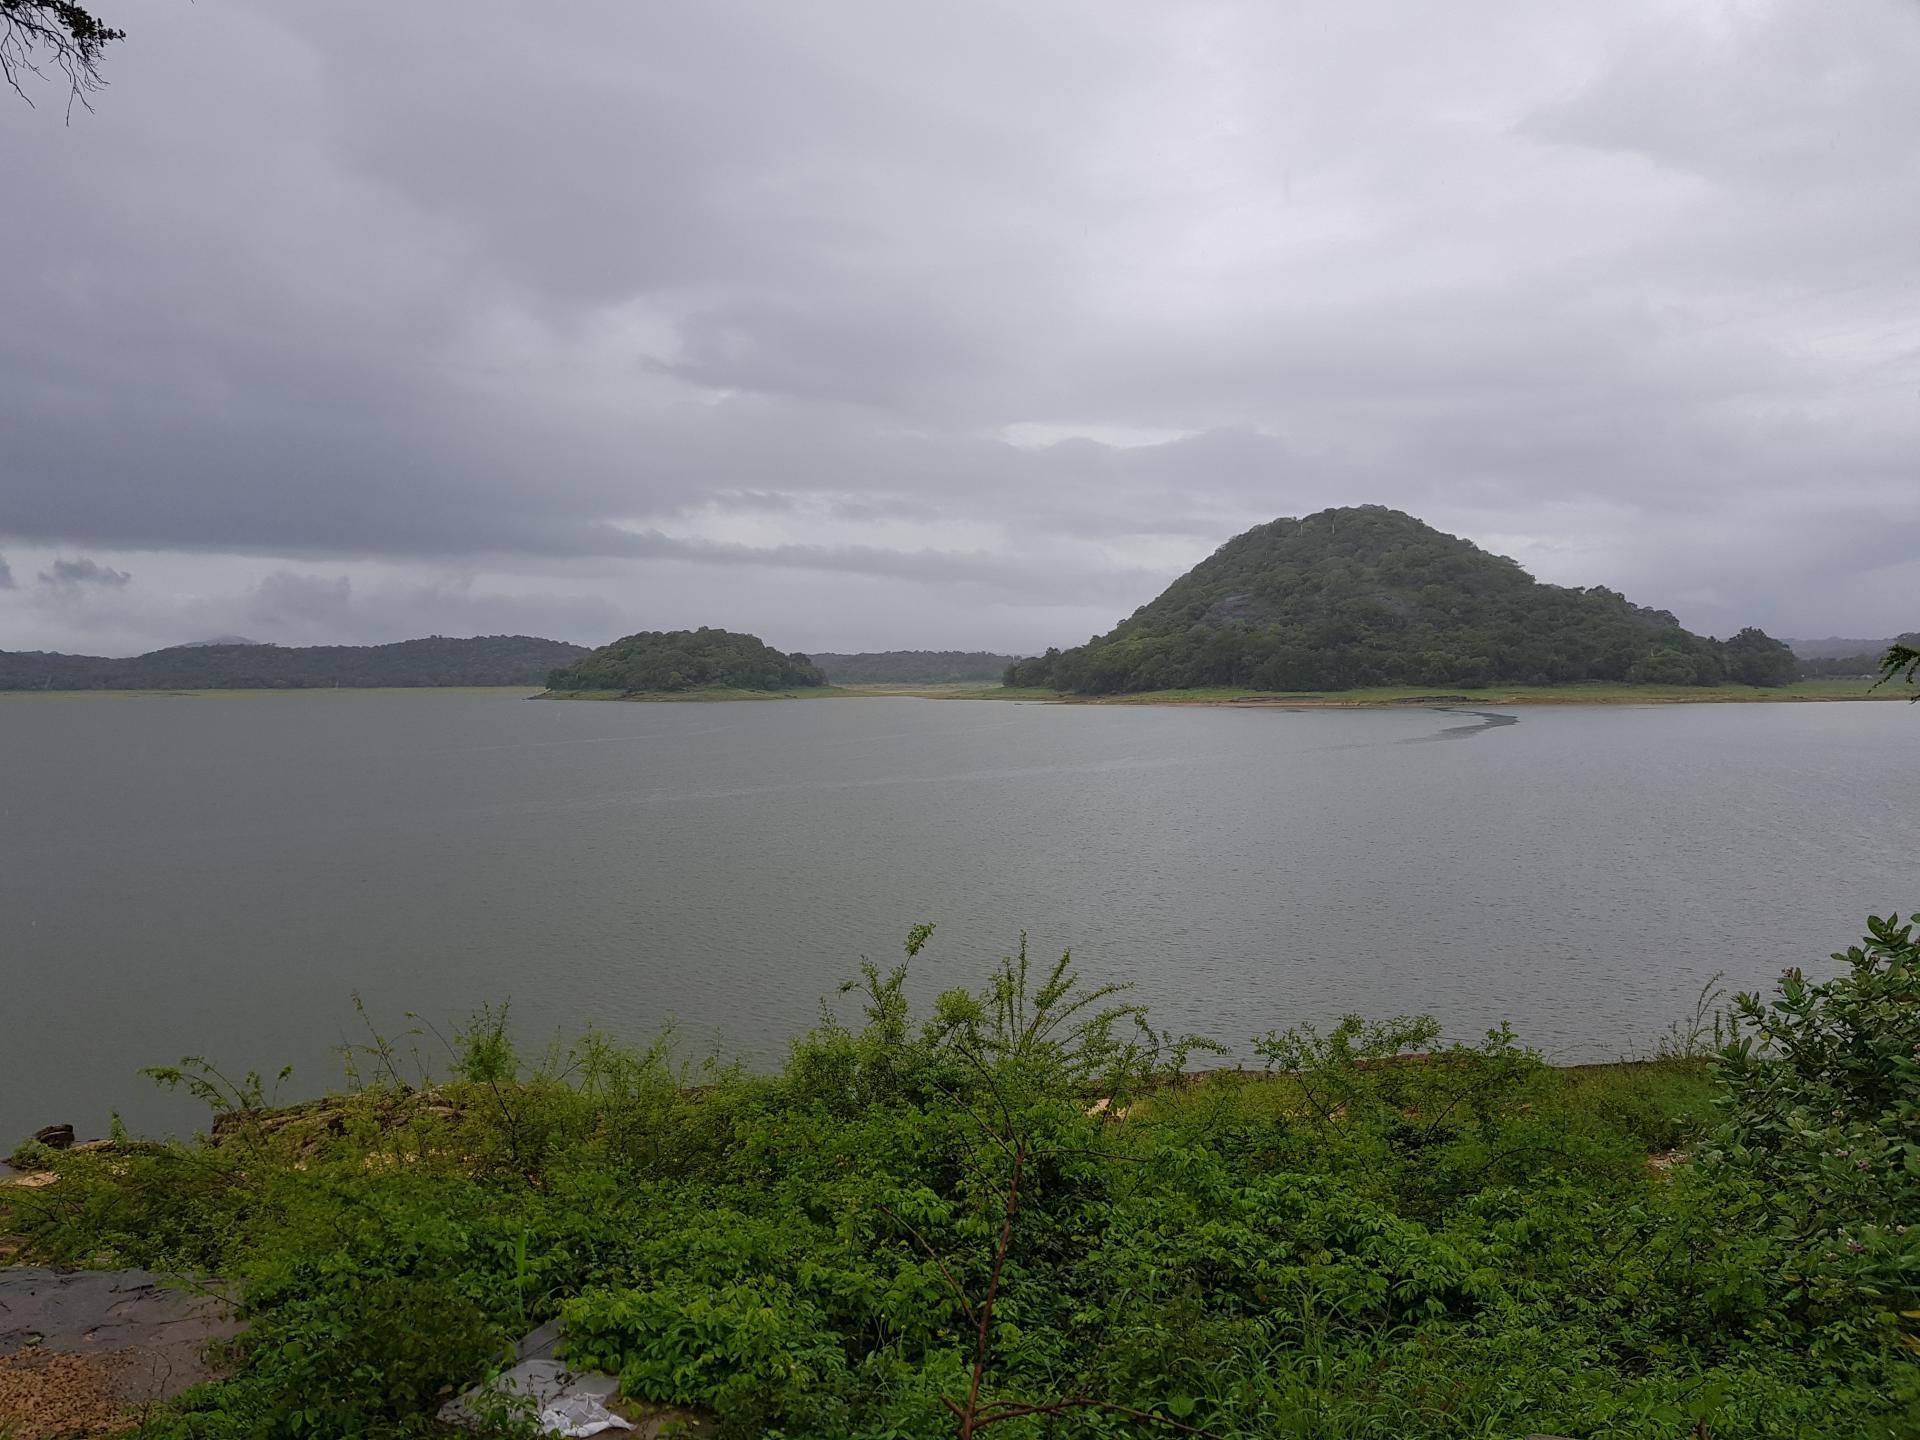 Озеро Топа Вева, Полоннарува, Шри-Ланка.